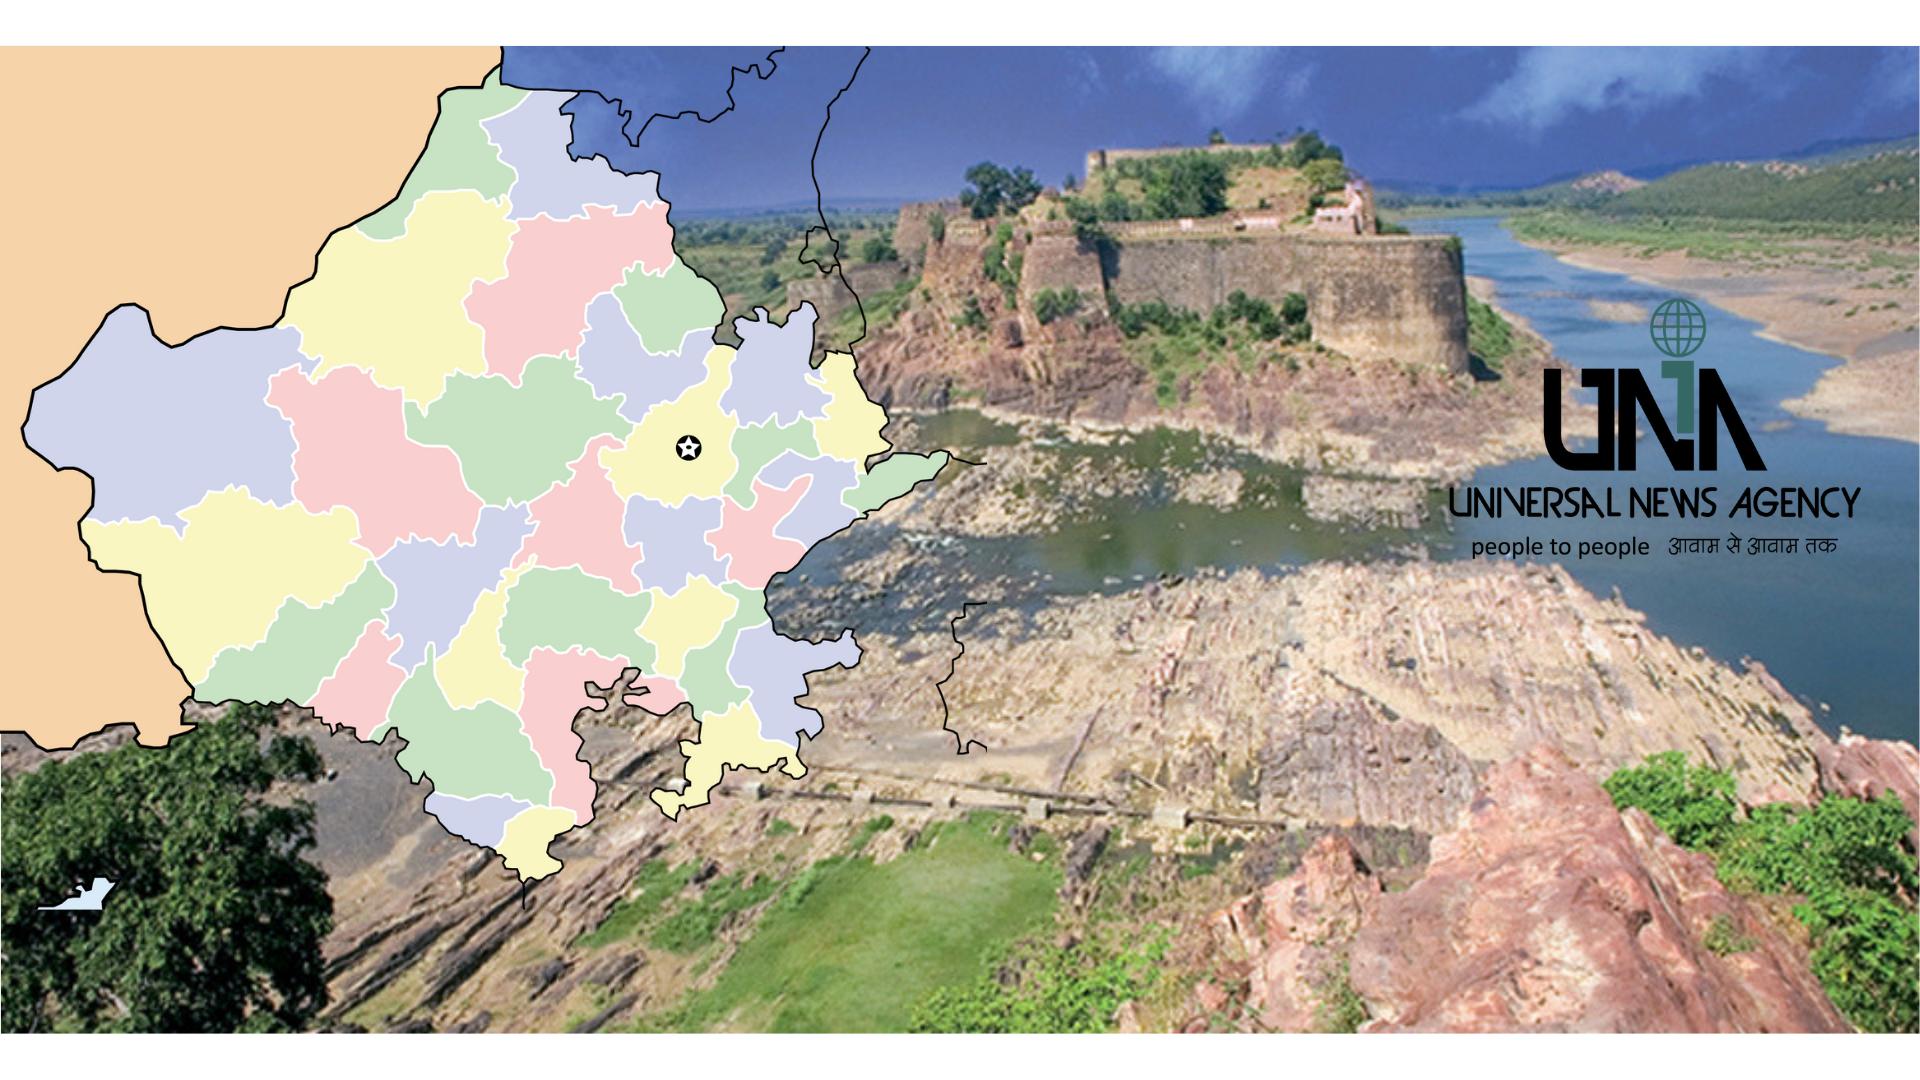 झालावाड में निर्वाचन विभाग की अनूठी पहल से गूंजेगा संपूर्ण जिला